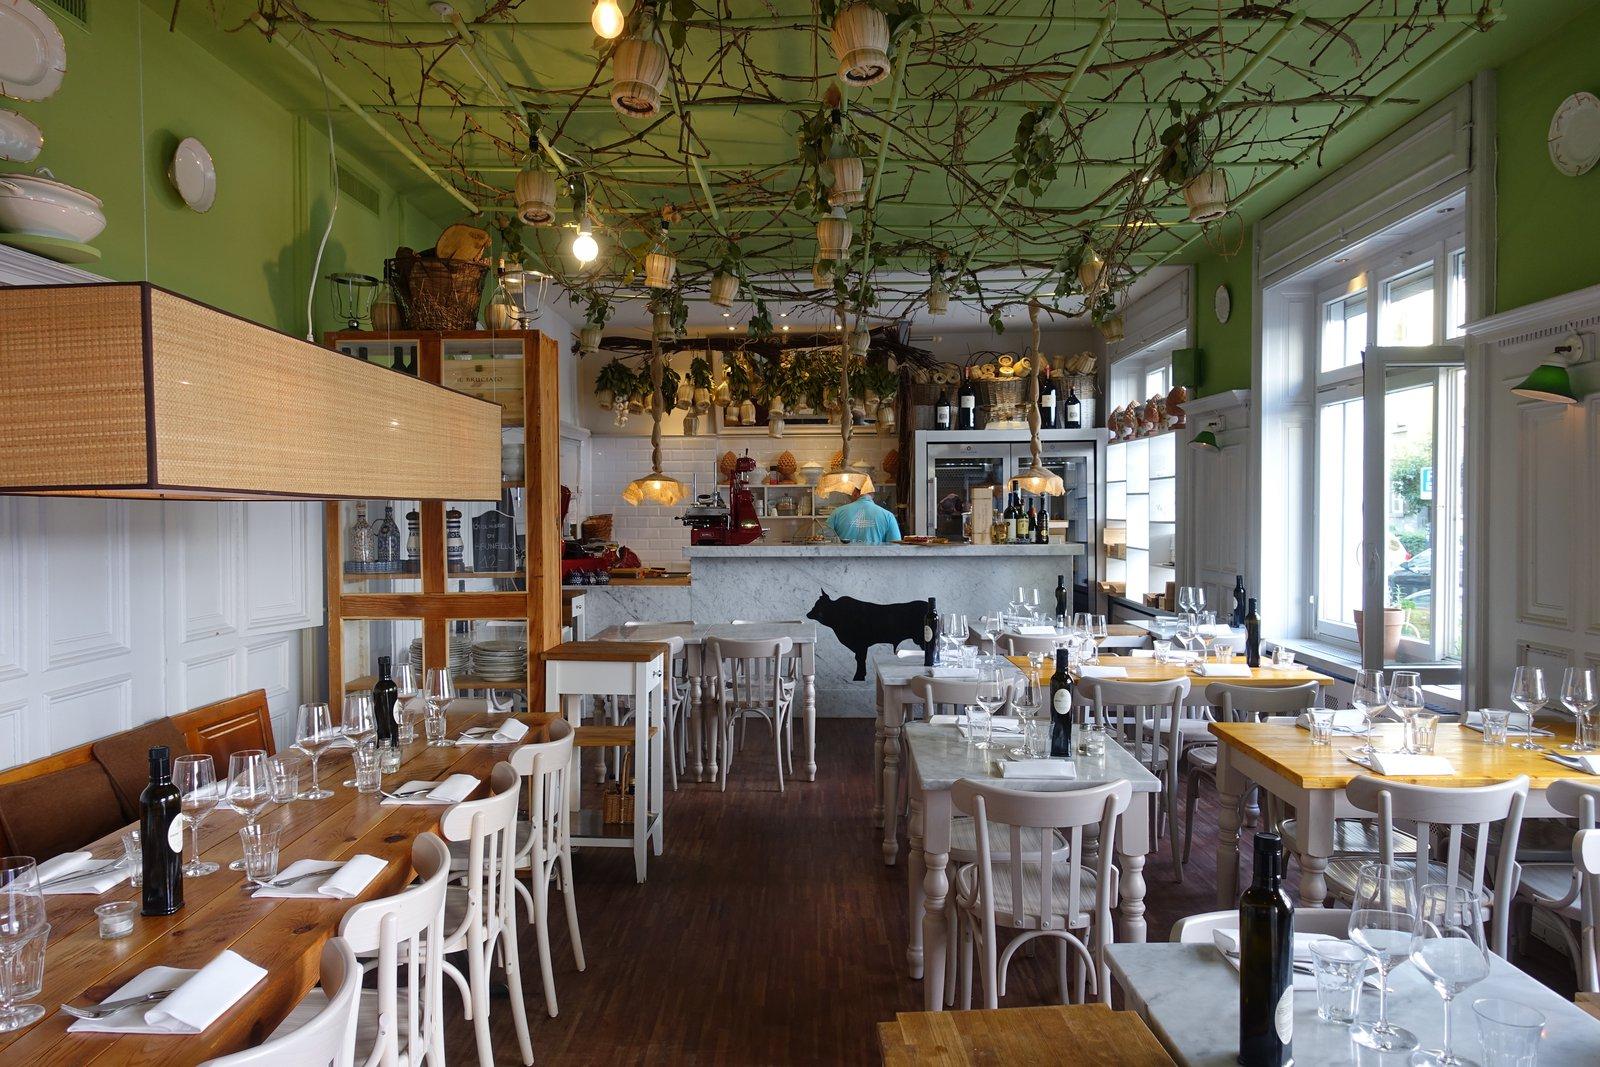 Italienische Restaurants für genussvolle Stunden | Foodtalk, Gastro ...